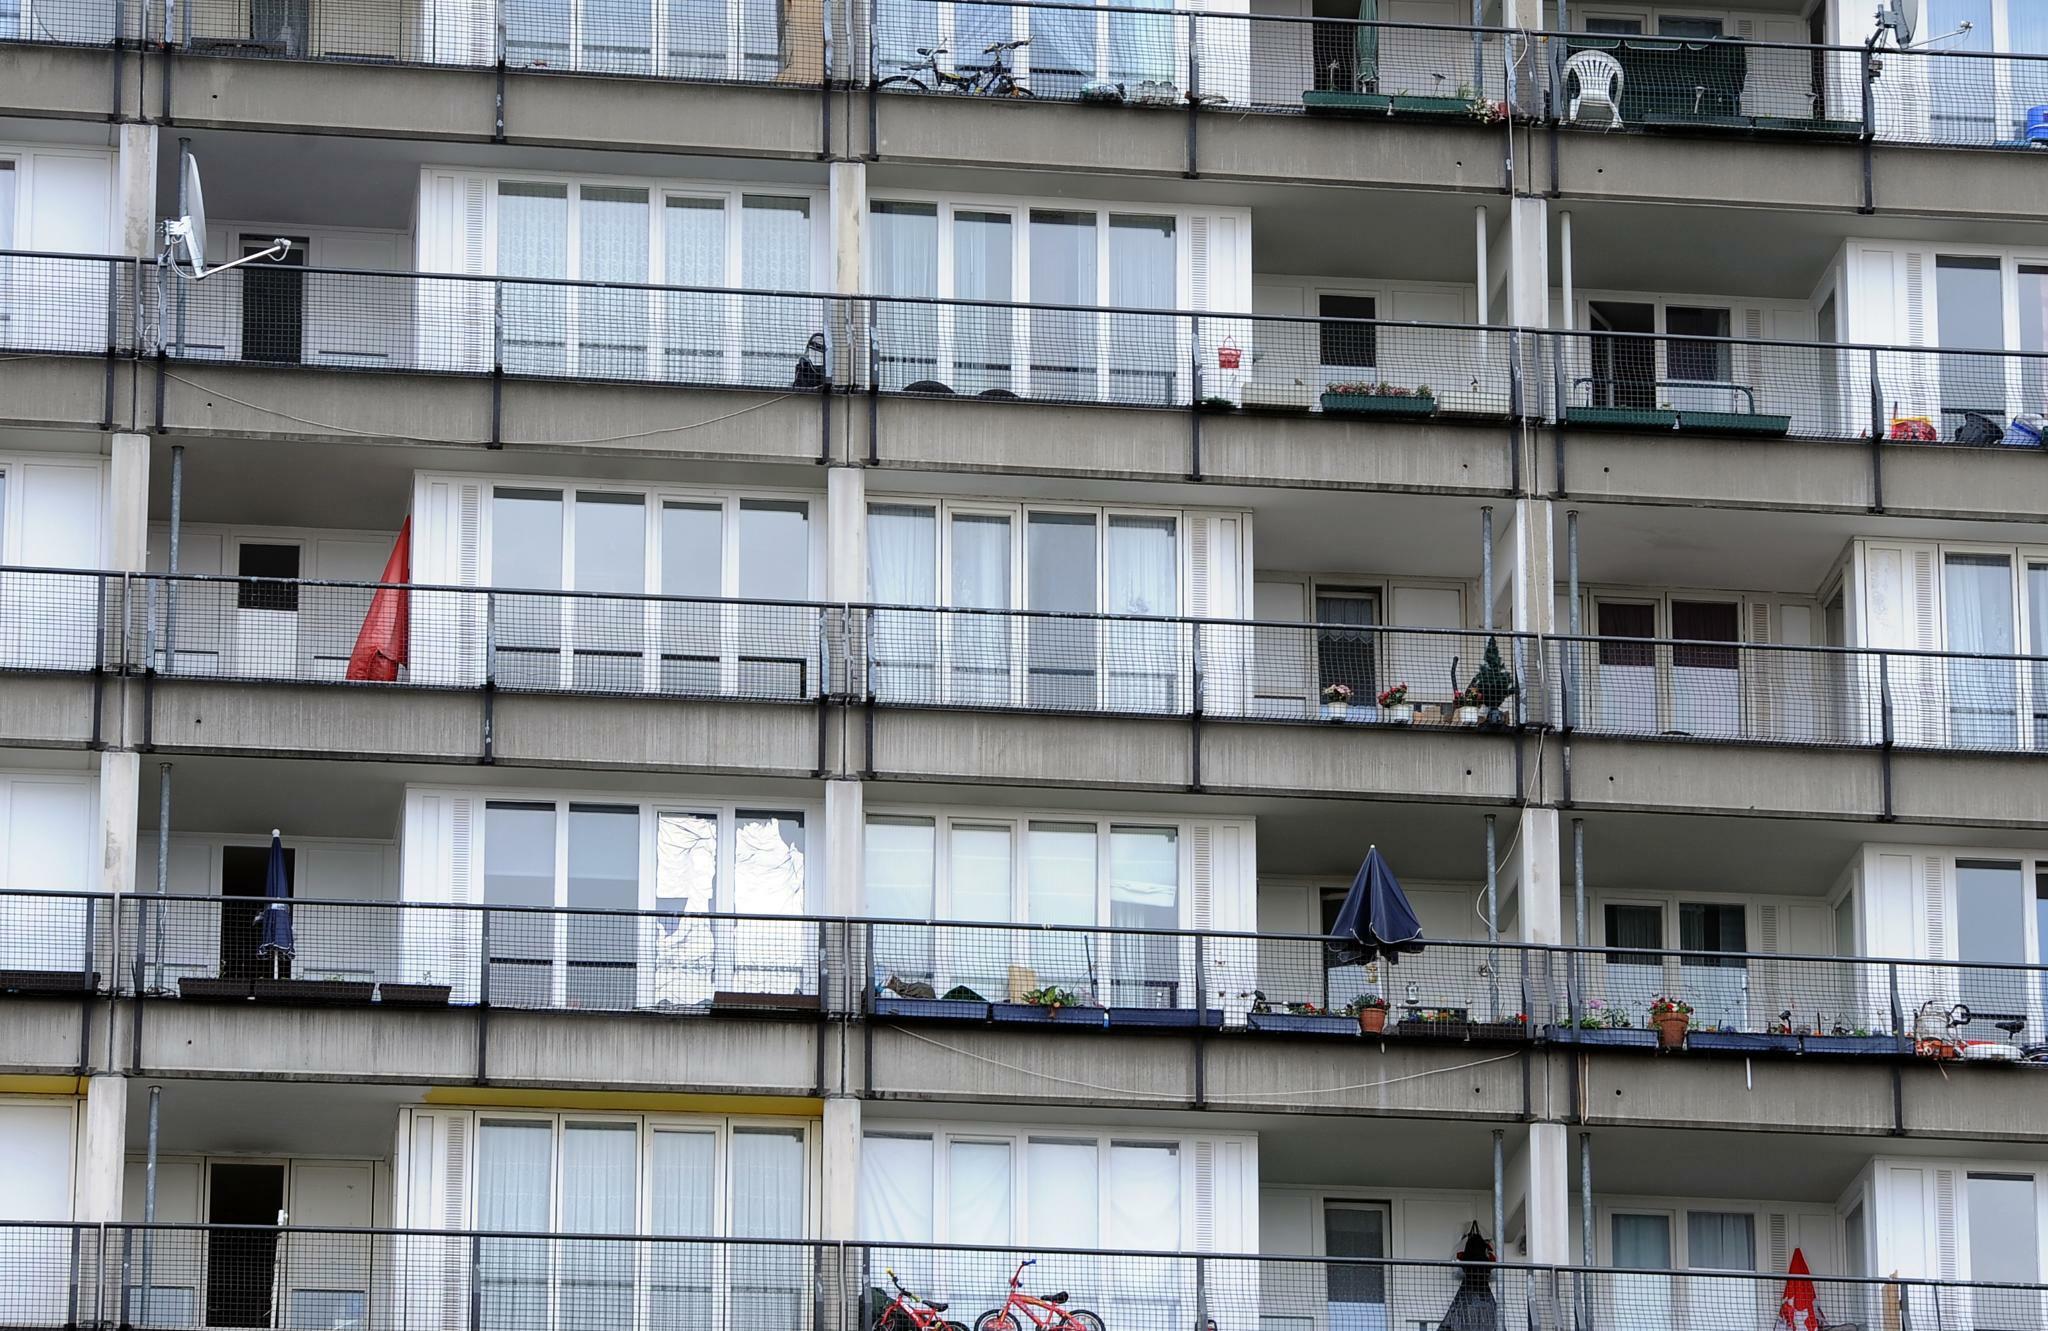 Wohnungsmarkt: Wohnimmobilienfirmen Adler, Ado und Consus planen Dreierfusion